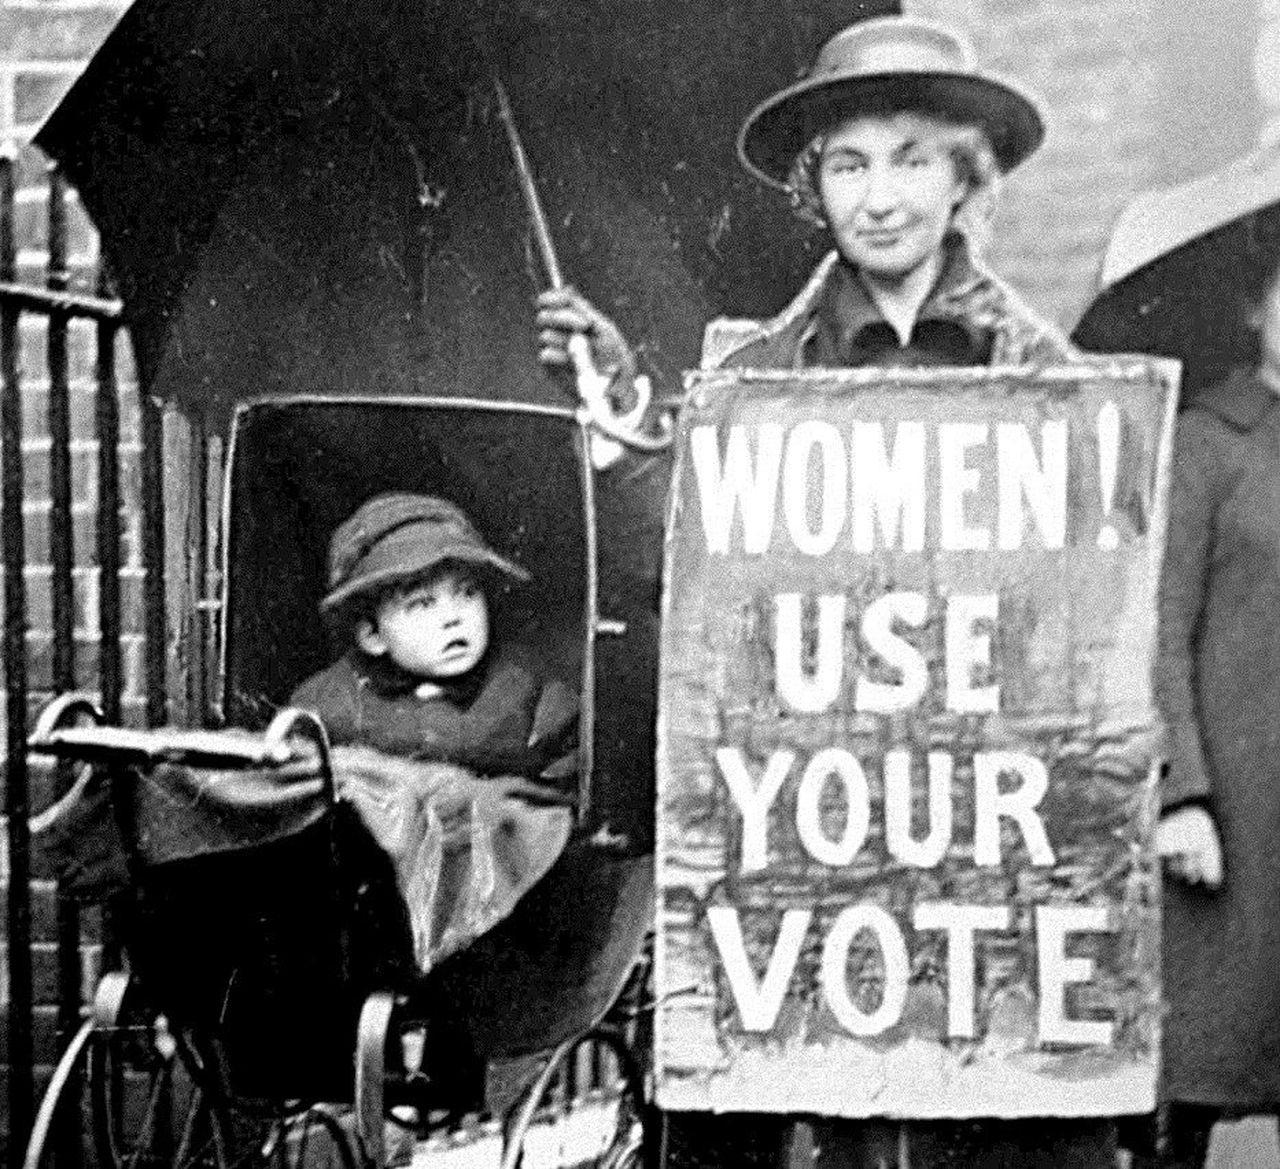 https://wffa.win/wp-content/uploads/2021/03/suffrage-ea14c7e517520744.jpg